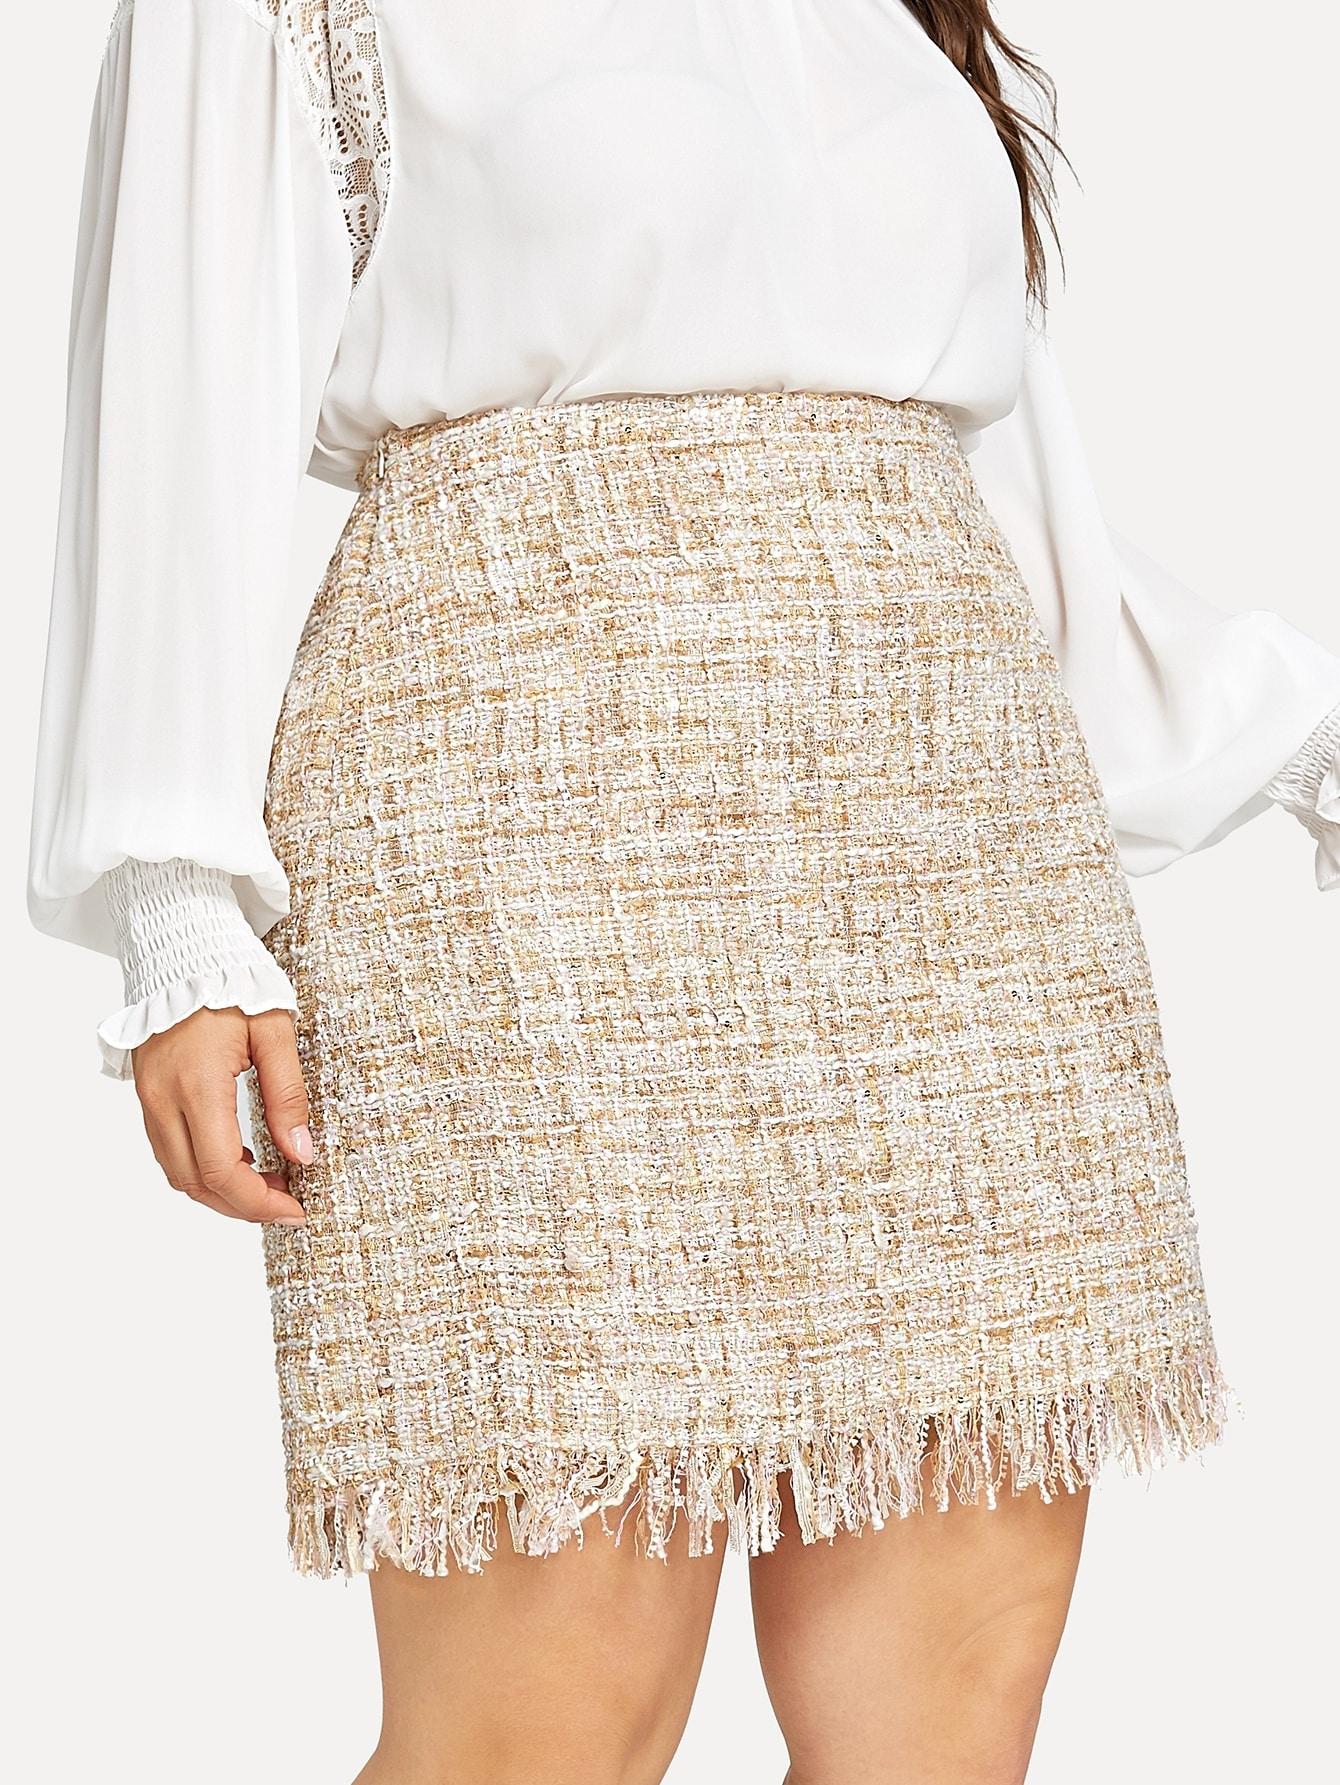 Купить Размер плюс твидовая юбка со складкой, Franziska, SheIn